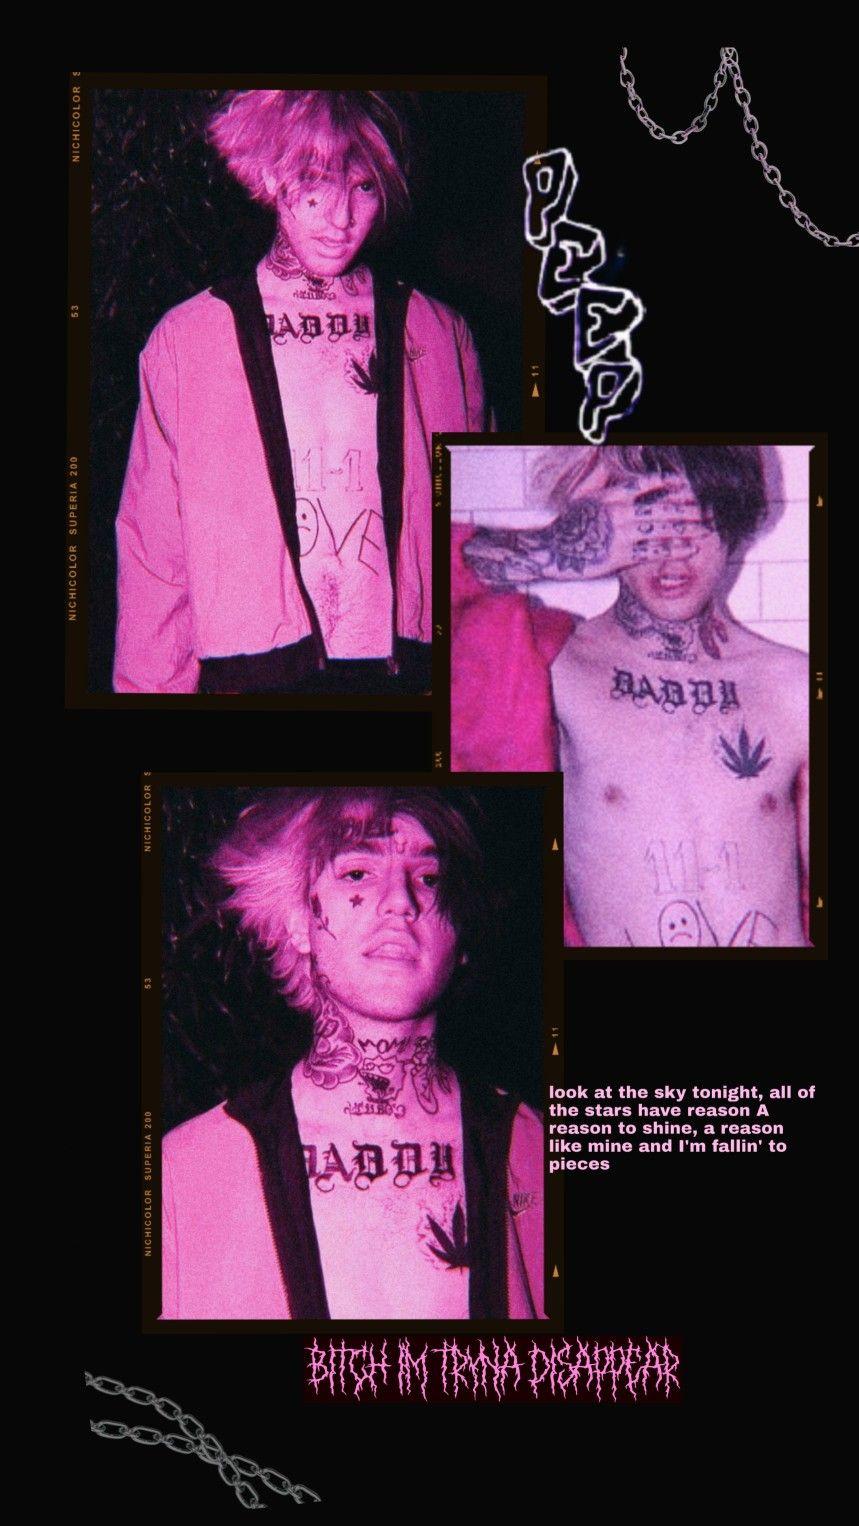 Lil Peep Wallpaper Lil Peep Lyrics Lil Peep Hellboy Lil Peep Beamerboy